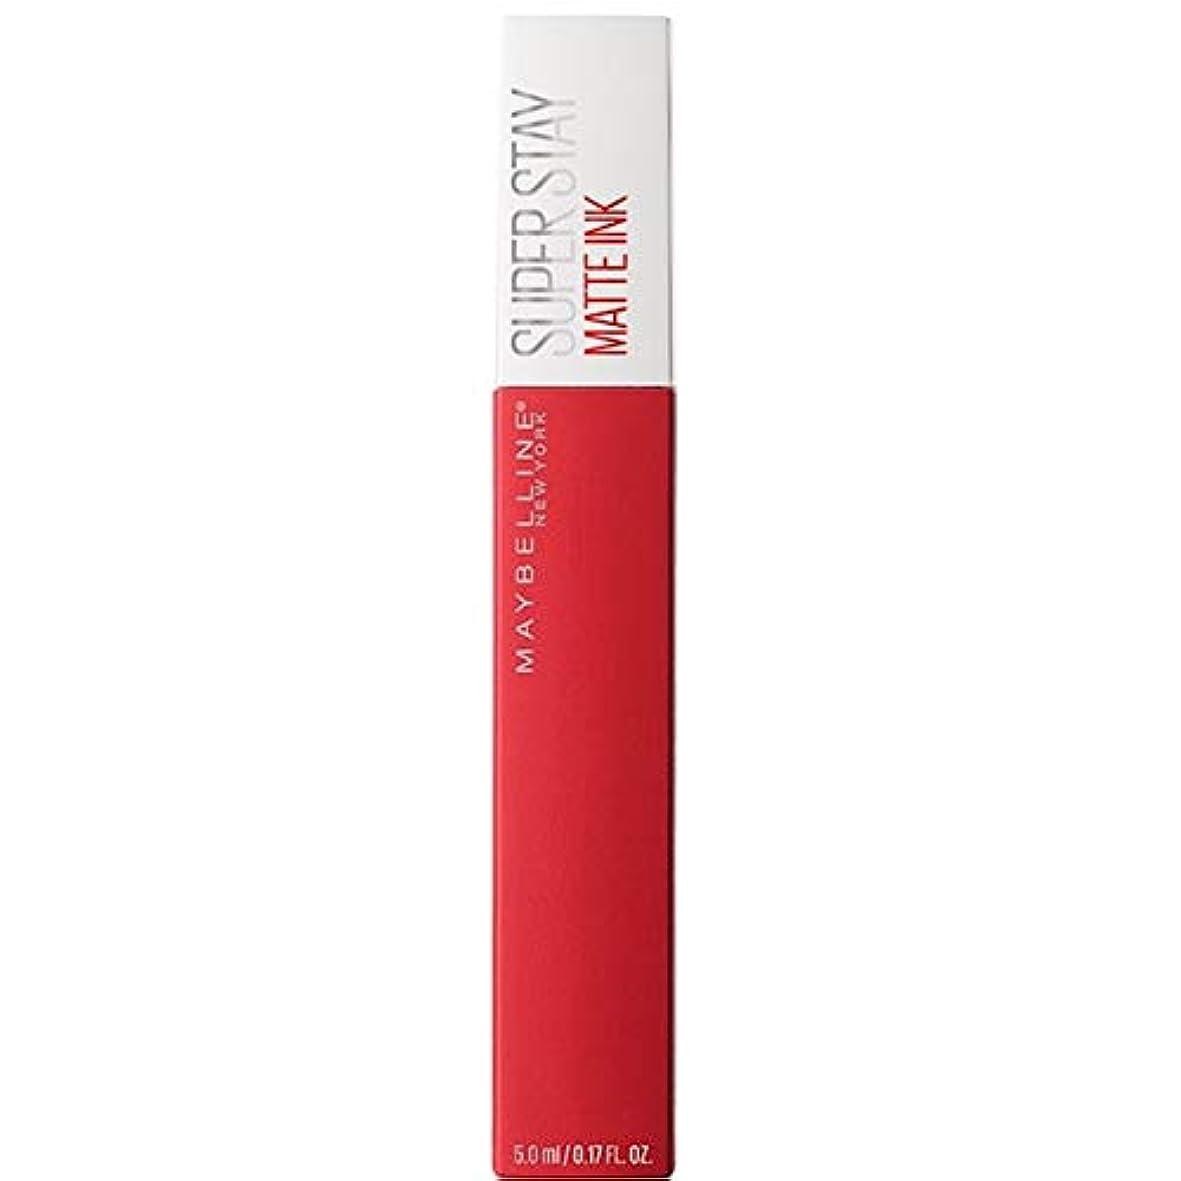 ヘルパーバイパス仲人[Maybelline ] メイベリンSuperstayマットインク液20パイオニア - Maybelline Superstay Matte Ink Liquid 20 Pioneer [並行輸入品]